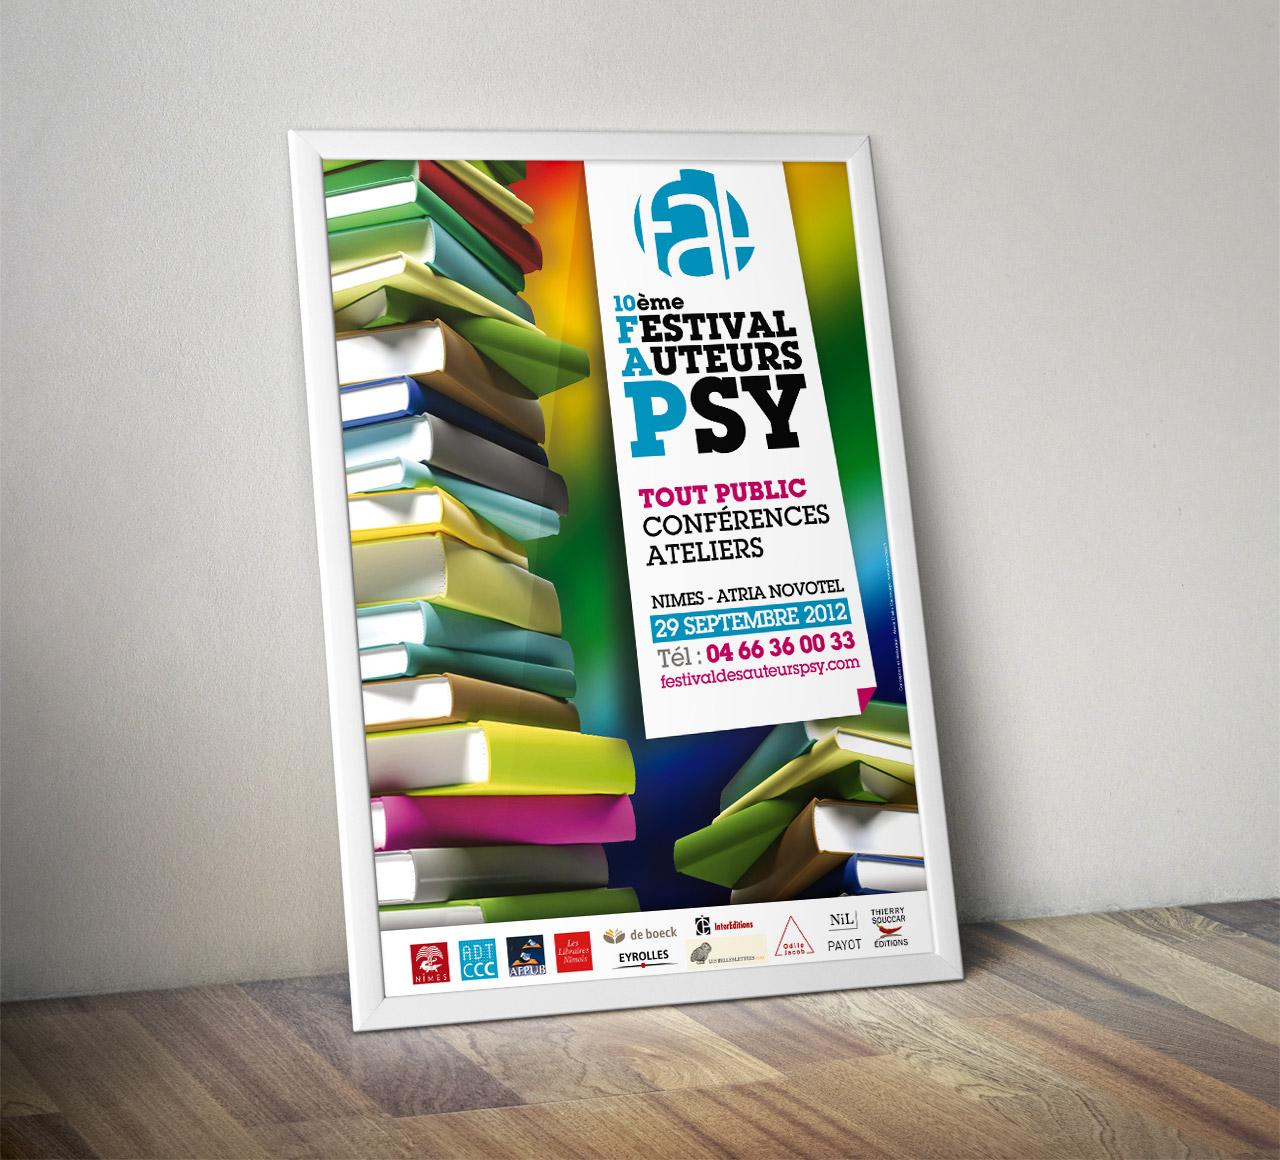 fap-creation-affiche-2012-communication-caconcept-alexis-cretin-graphiste-montpellier